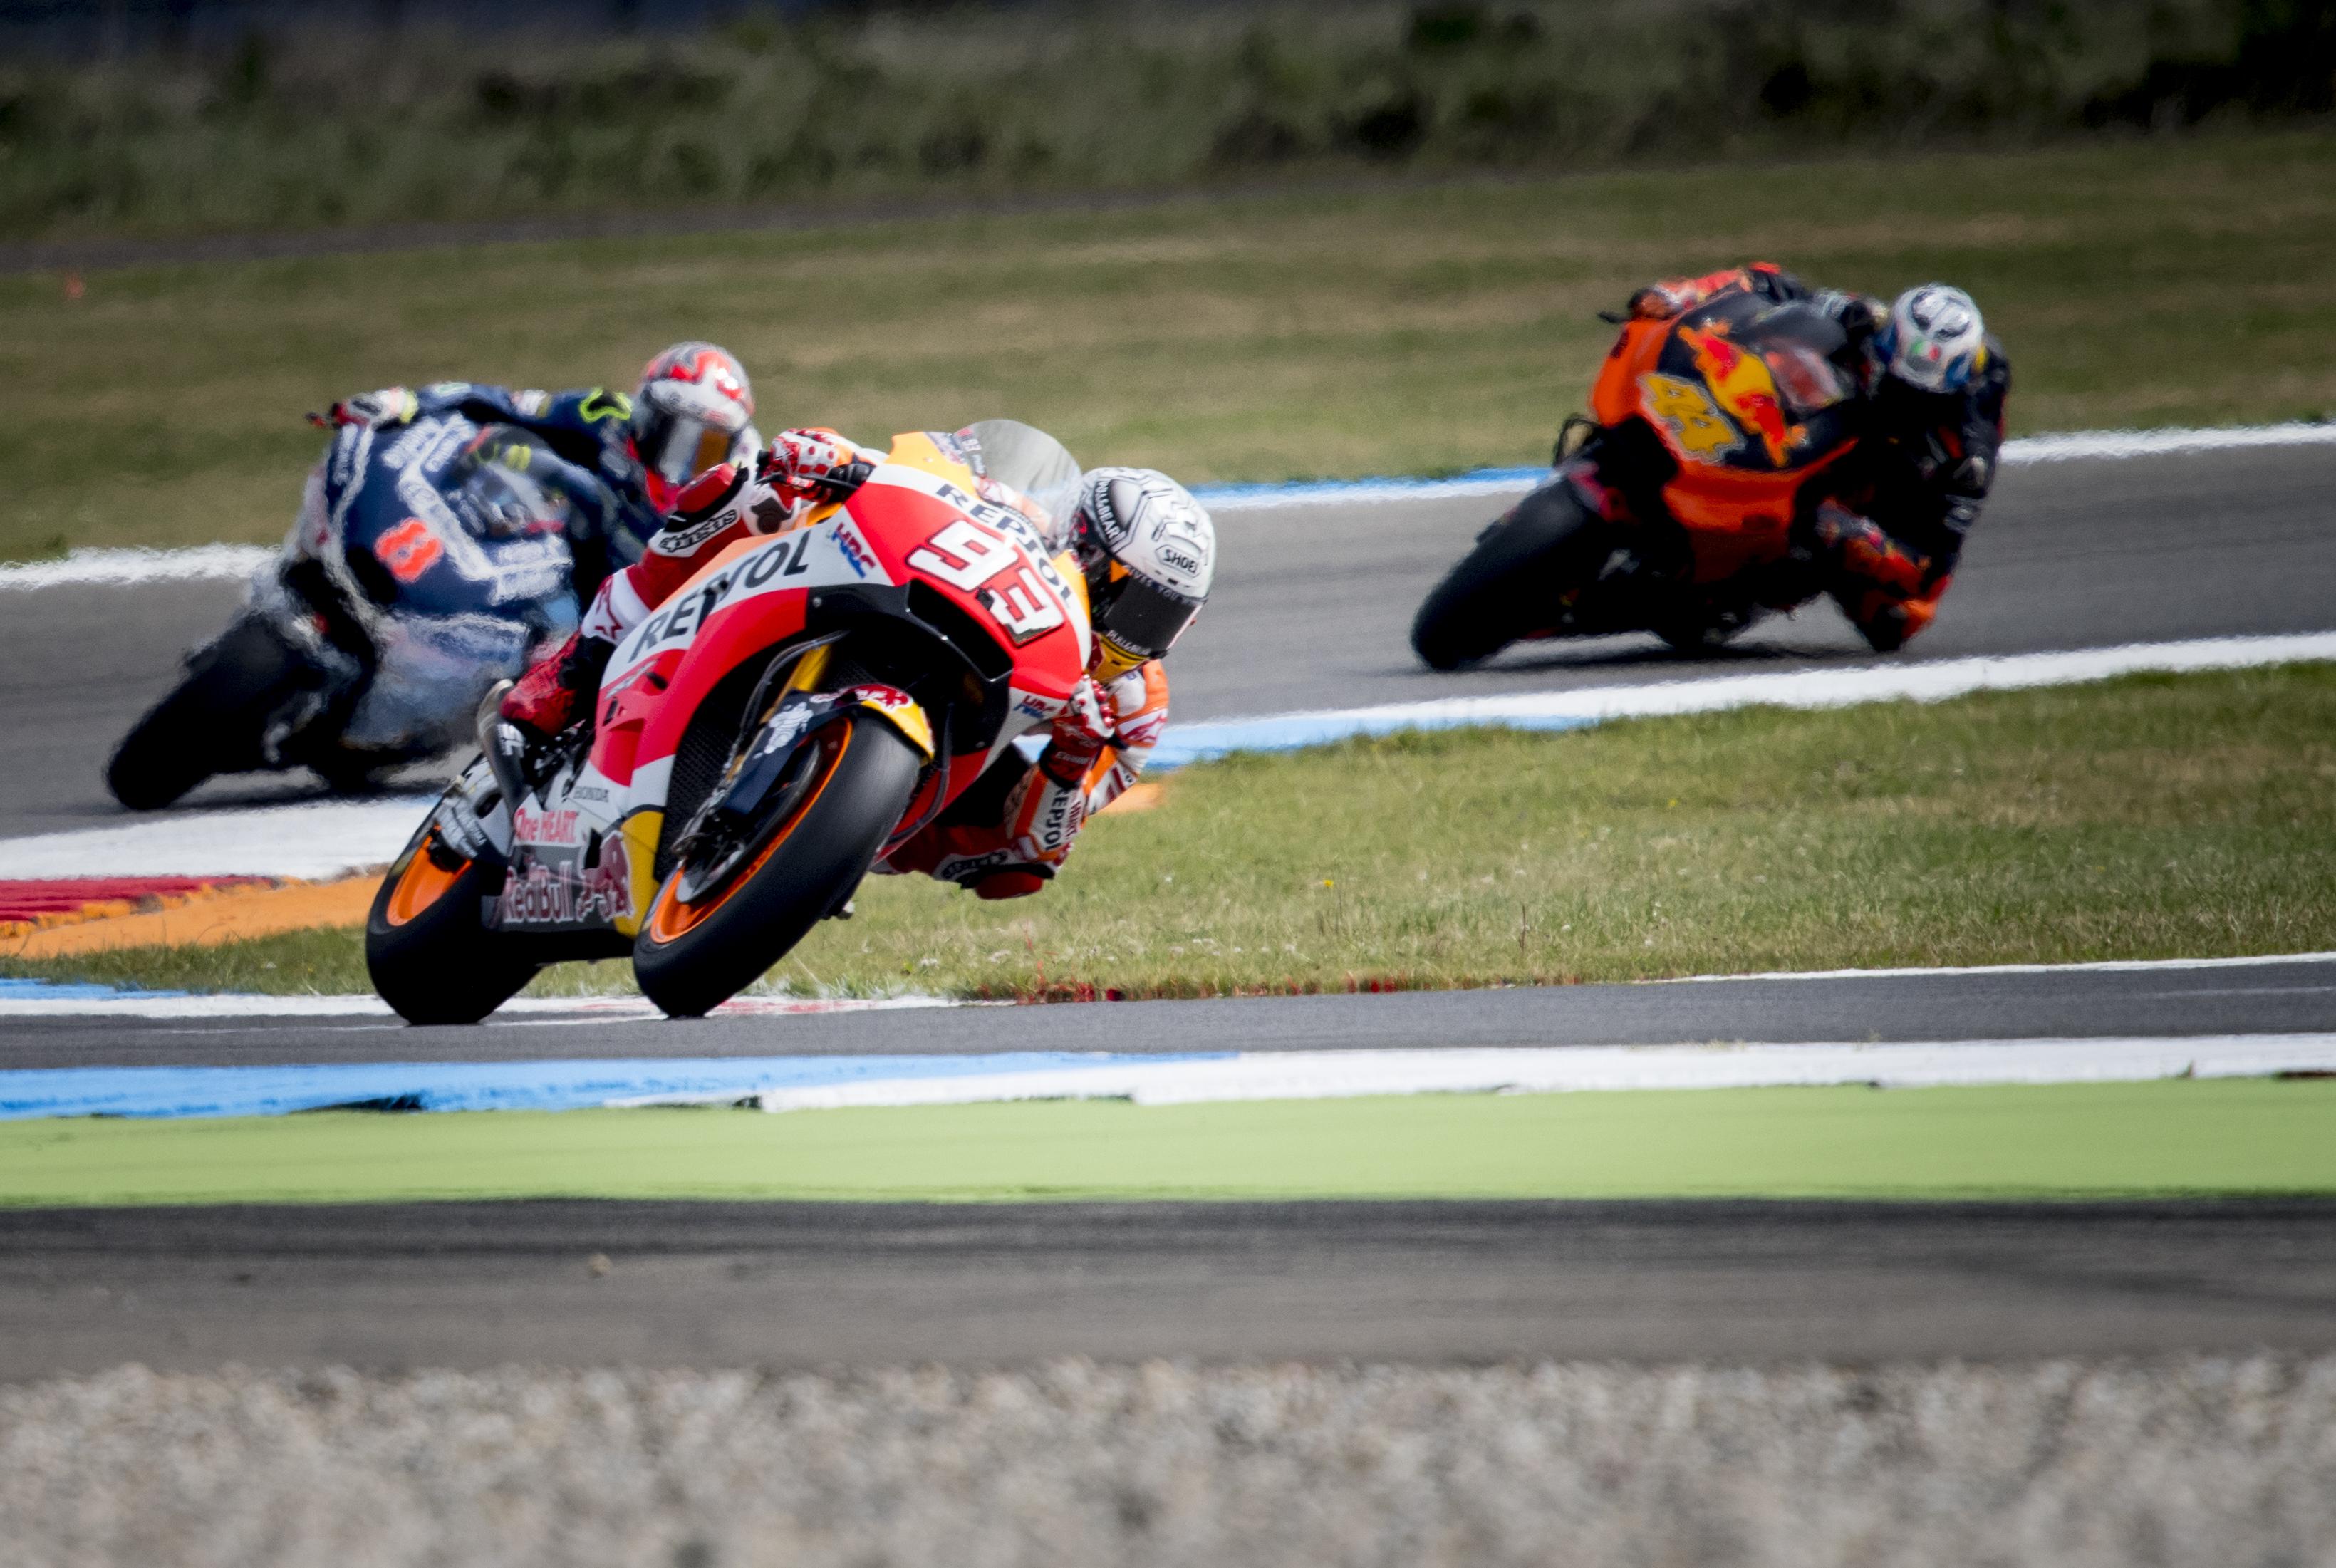 Márquez: «Nuestra moto es más inestable, pero podemos ser fuertes en otros puntos»